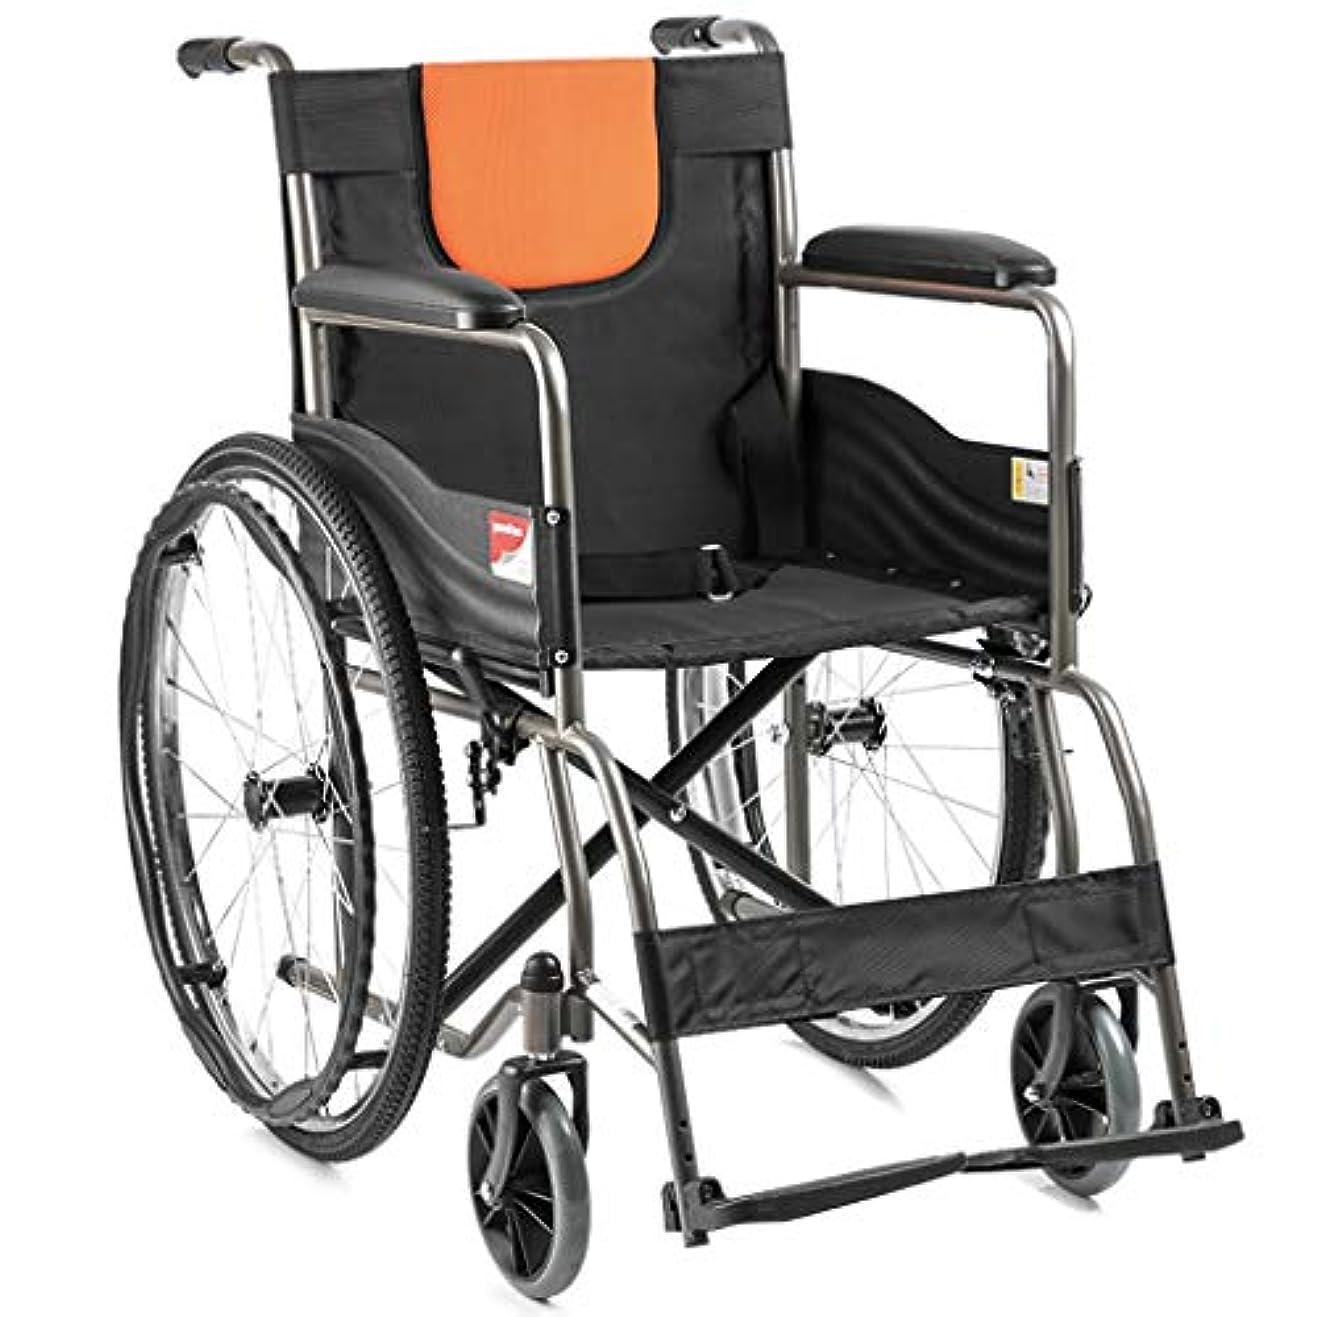 威する考えた持続的車椅子トロリー折りたたみペダル、4輪ブレーキ、ポータブル屋外旅行トロリー車椅子